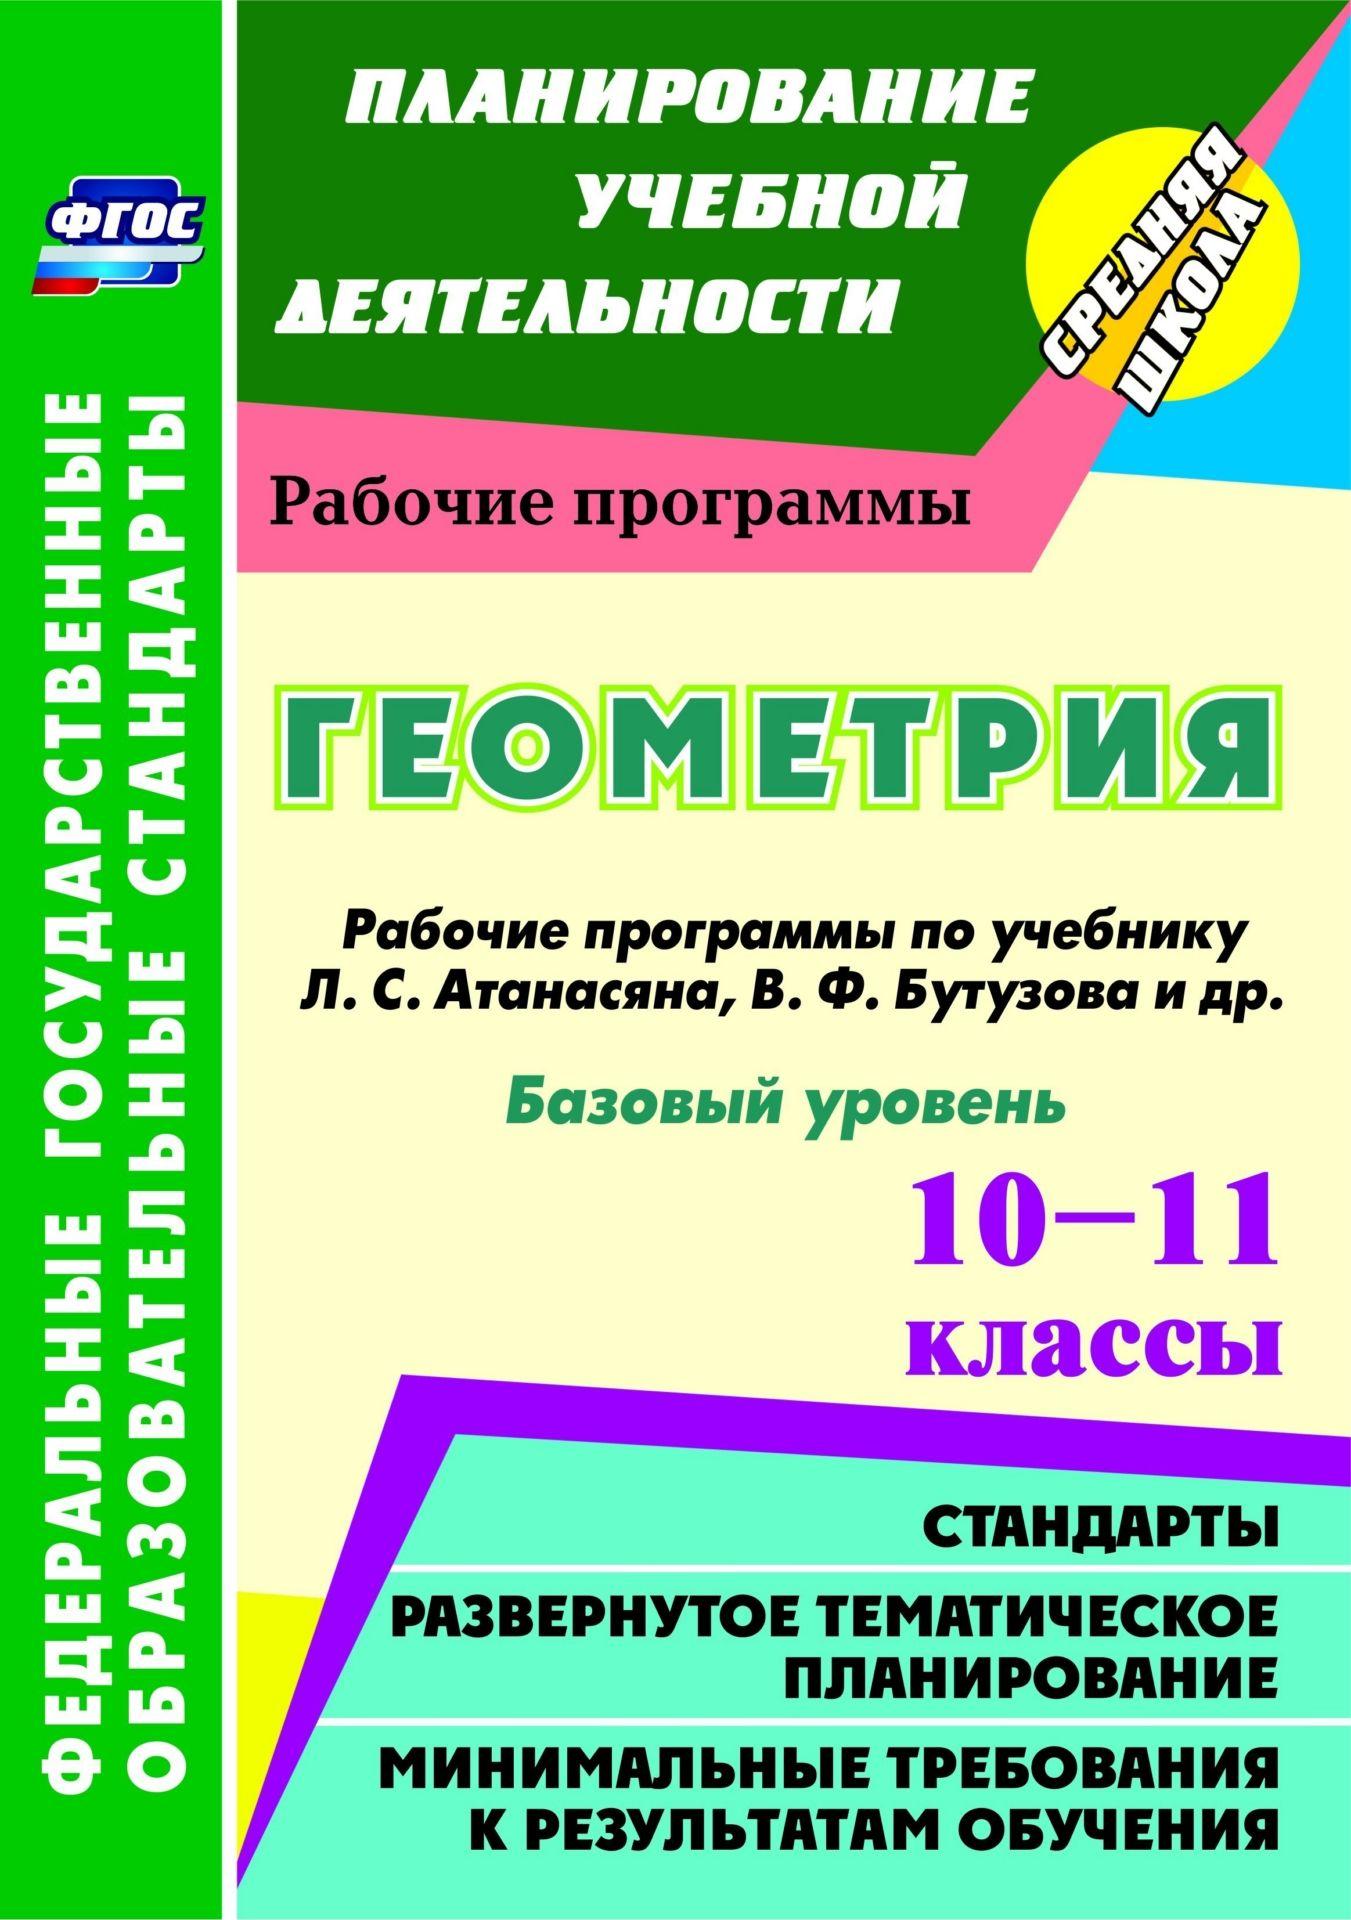 Геометрия. 10-11 классы. Рабочие программы по учебнику Л. С. Атанасяна, В. Ф. Бутузова, Б. Кадомцева и др. Базовый уровень. Программа для установки через интернет